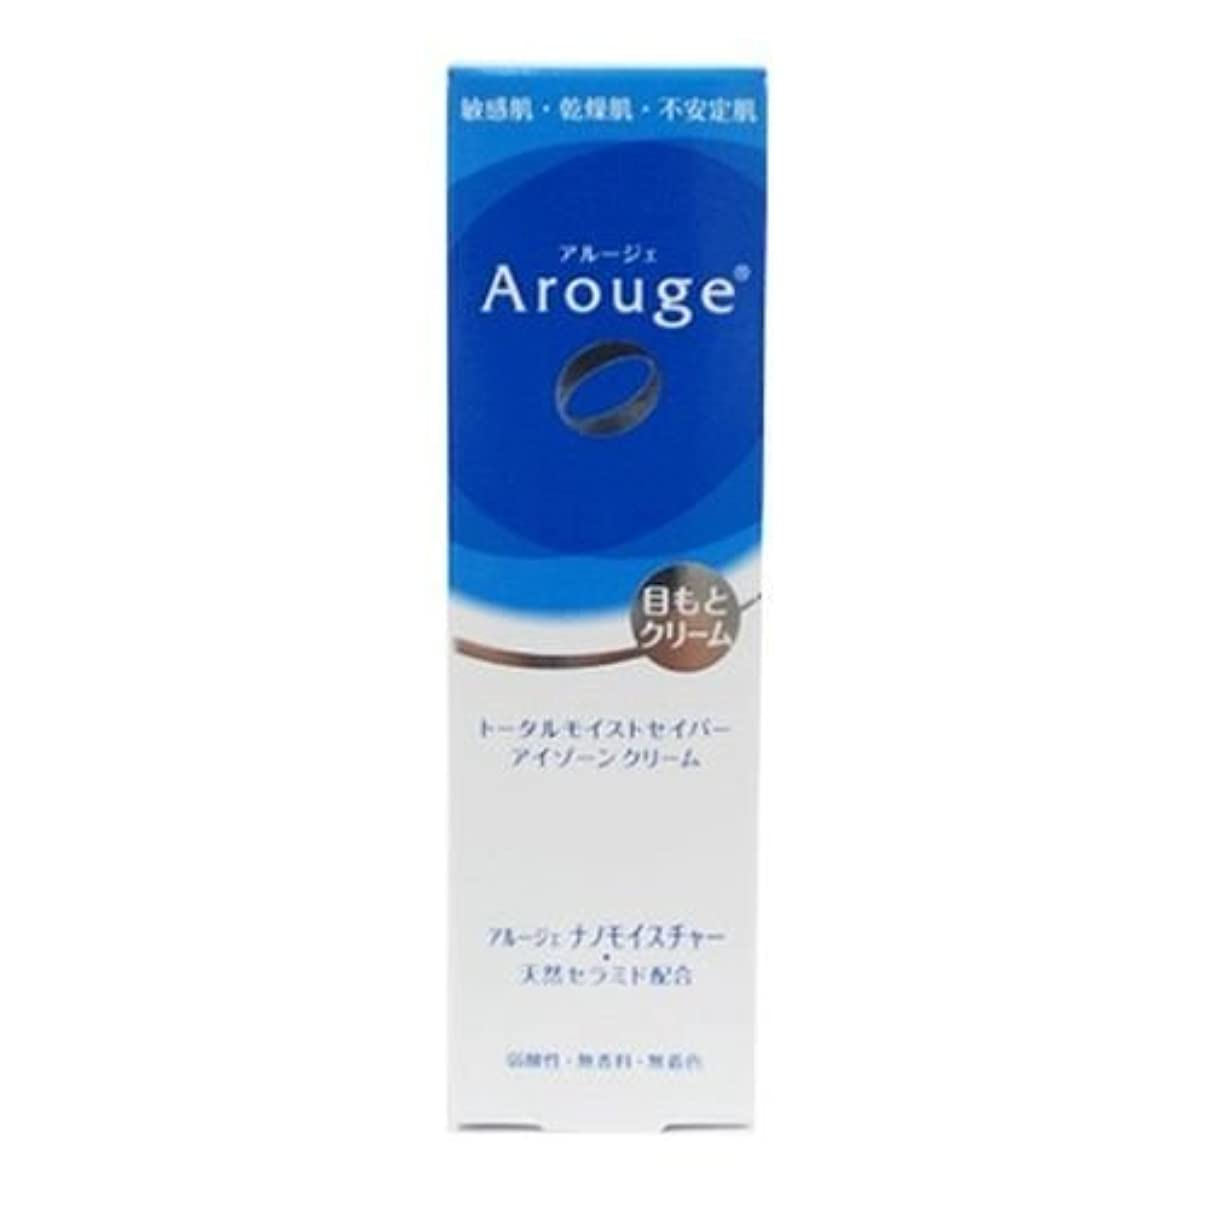 情熱作り上げるハウスアルージェ(Arouge)トータルモイストセイバー アイゾーンクリーム 15g